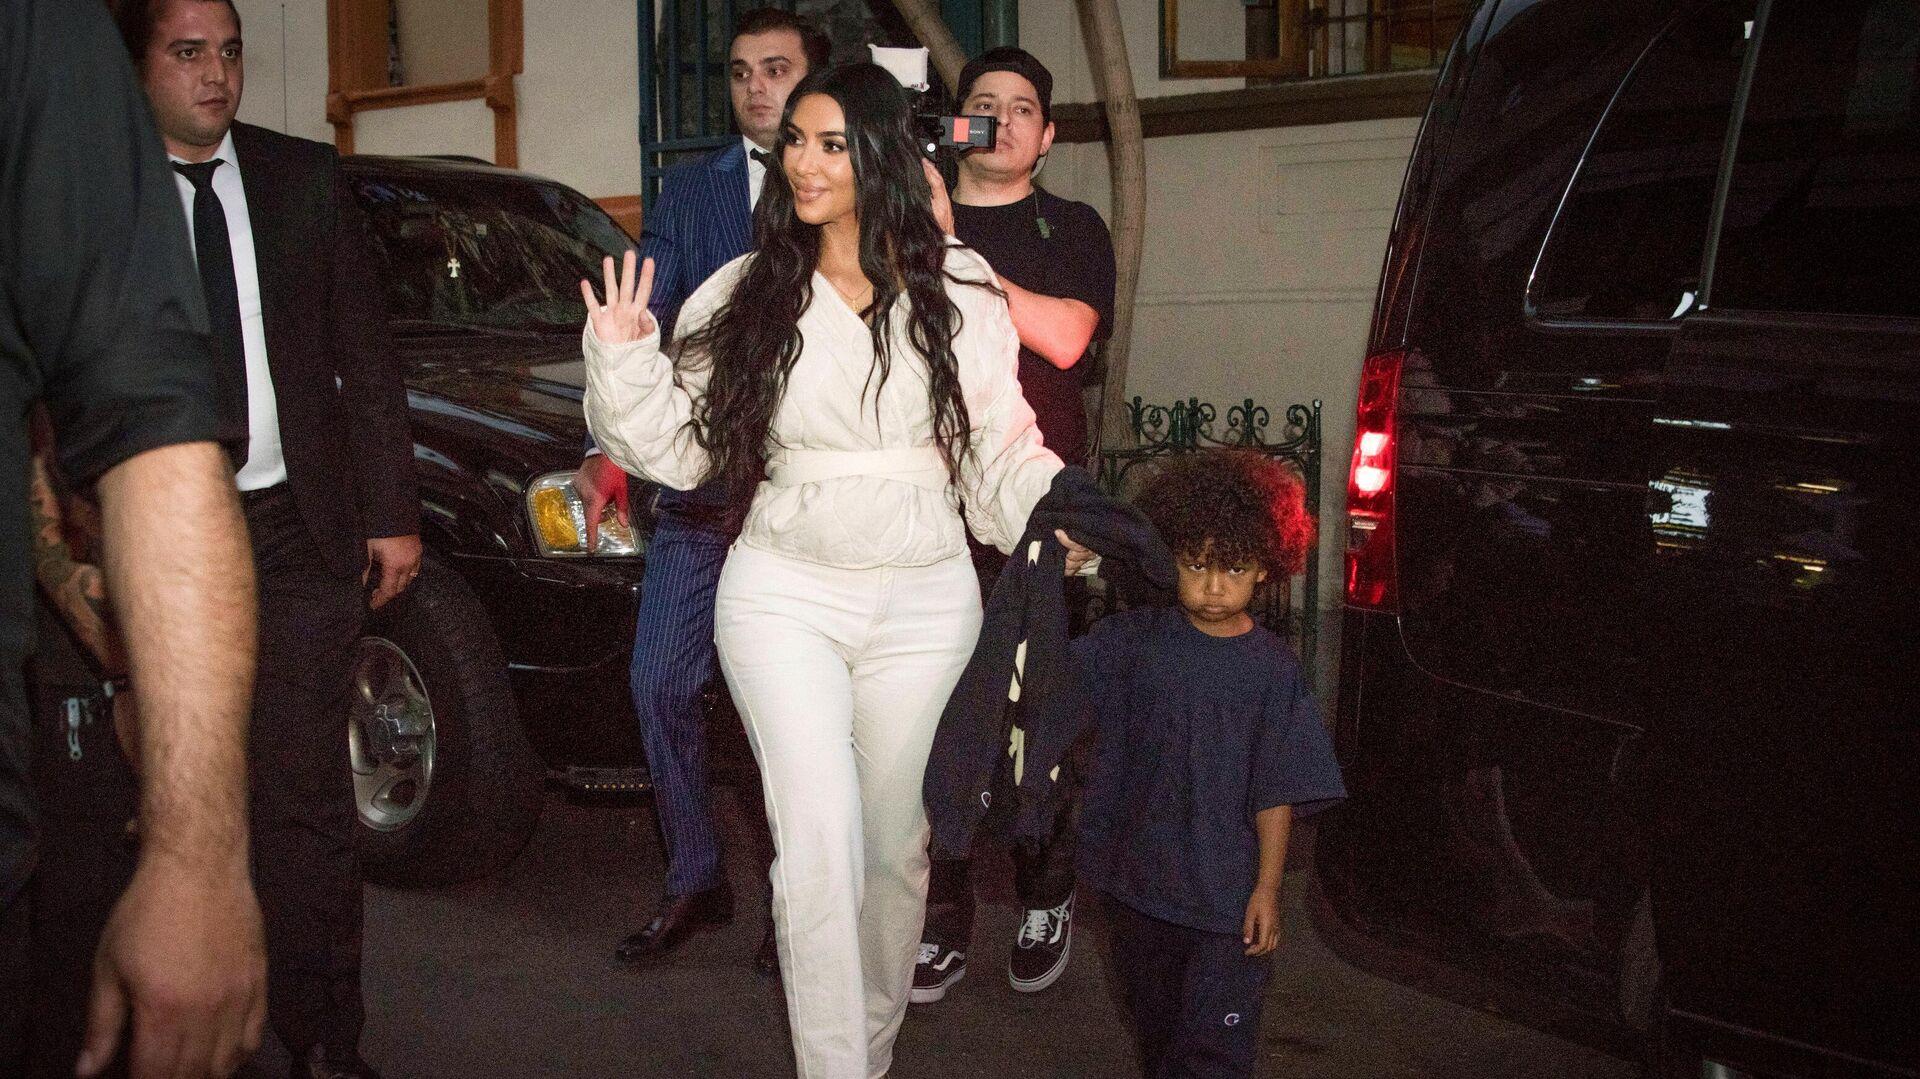 La empresaria estadounidense Kim Kardashian con su hijo Saint durante su visita en Armenia, 2019 - Sputnik Mundo, 1920, 10.09.2021